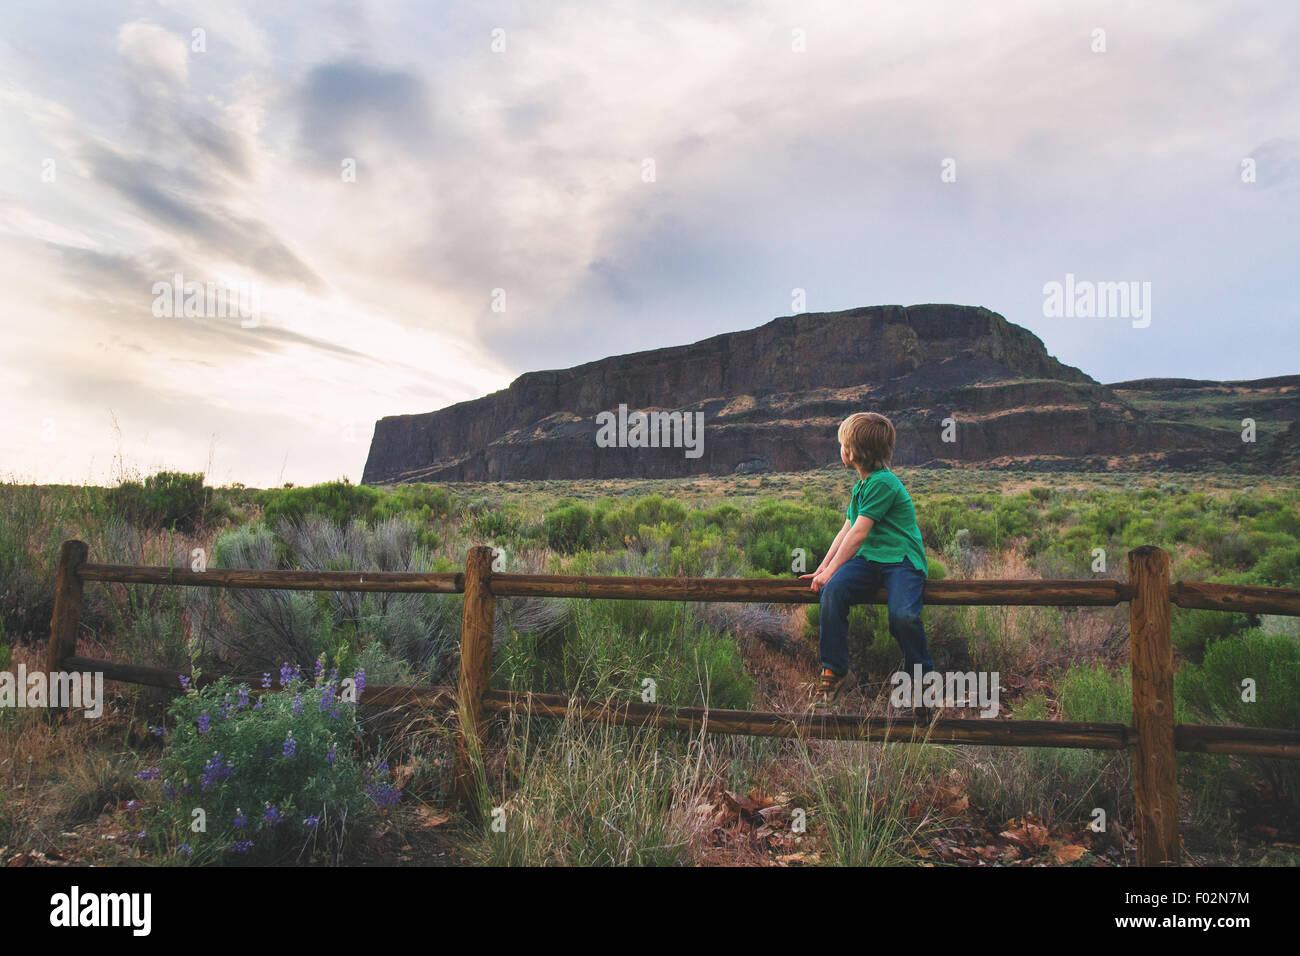 Garçon assis sur la clôture en bois regardant par-dessus son épaule Photo Stock